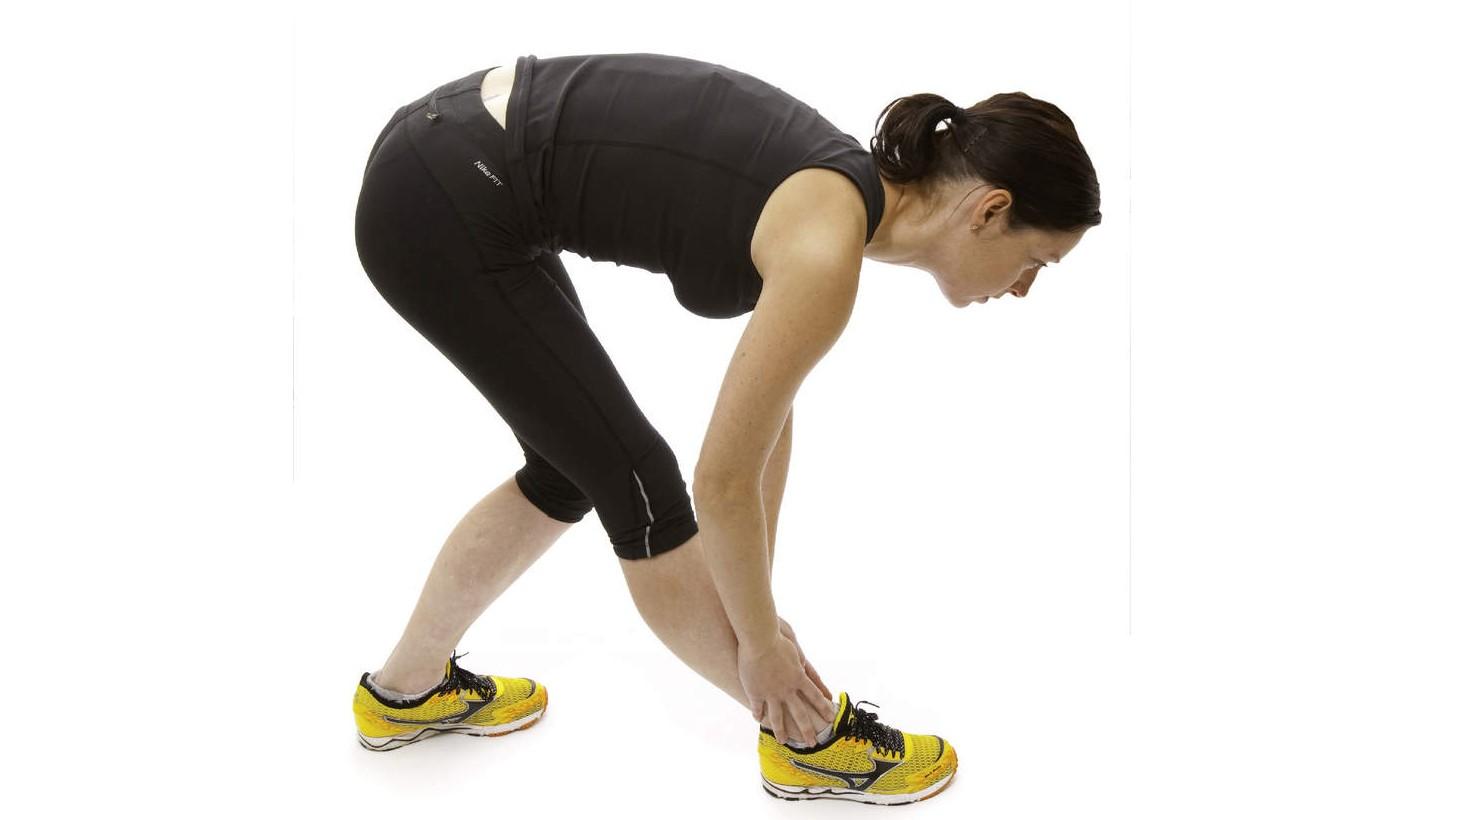 Dynamic hamstring stretch